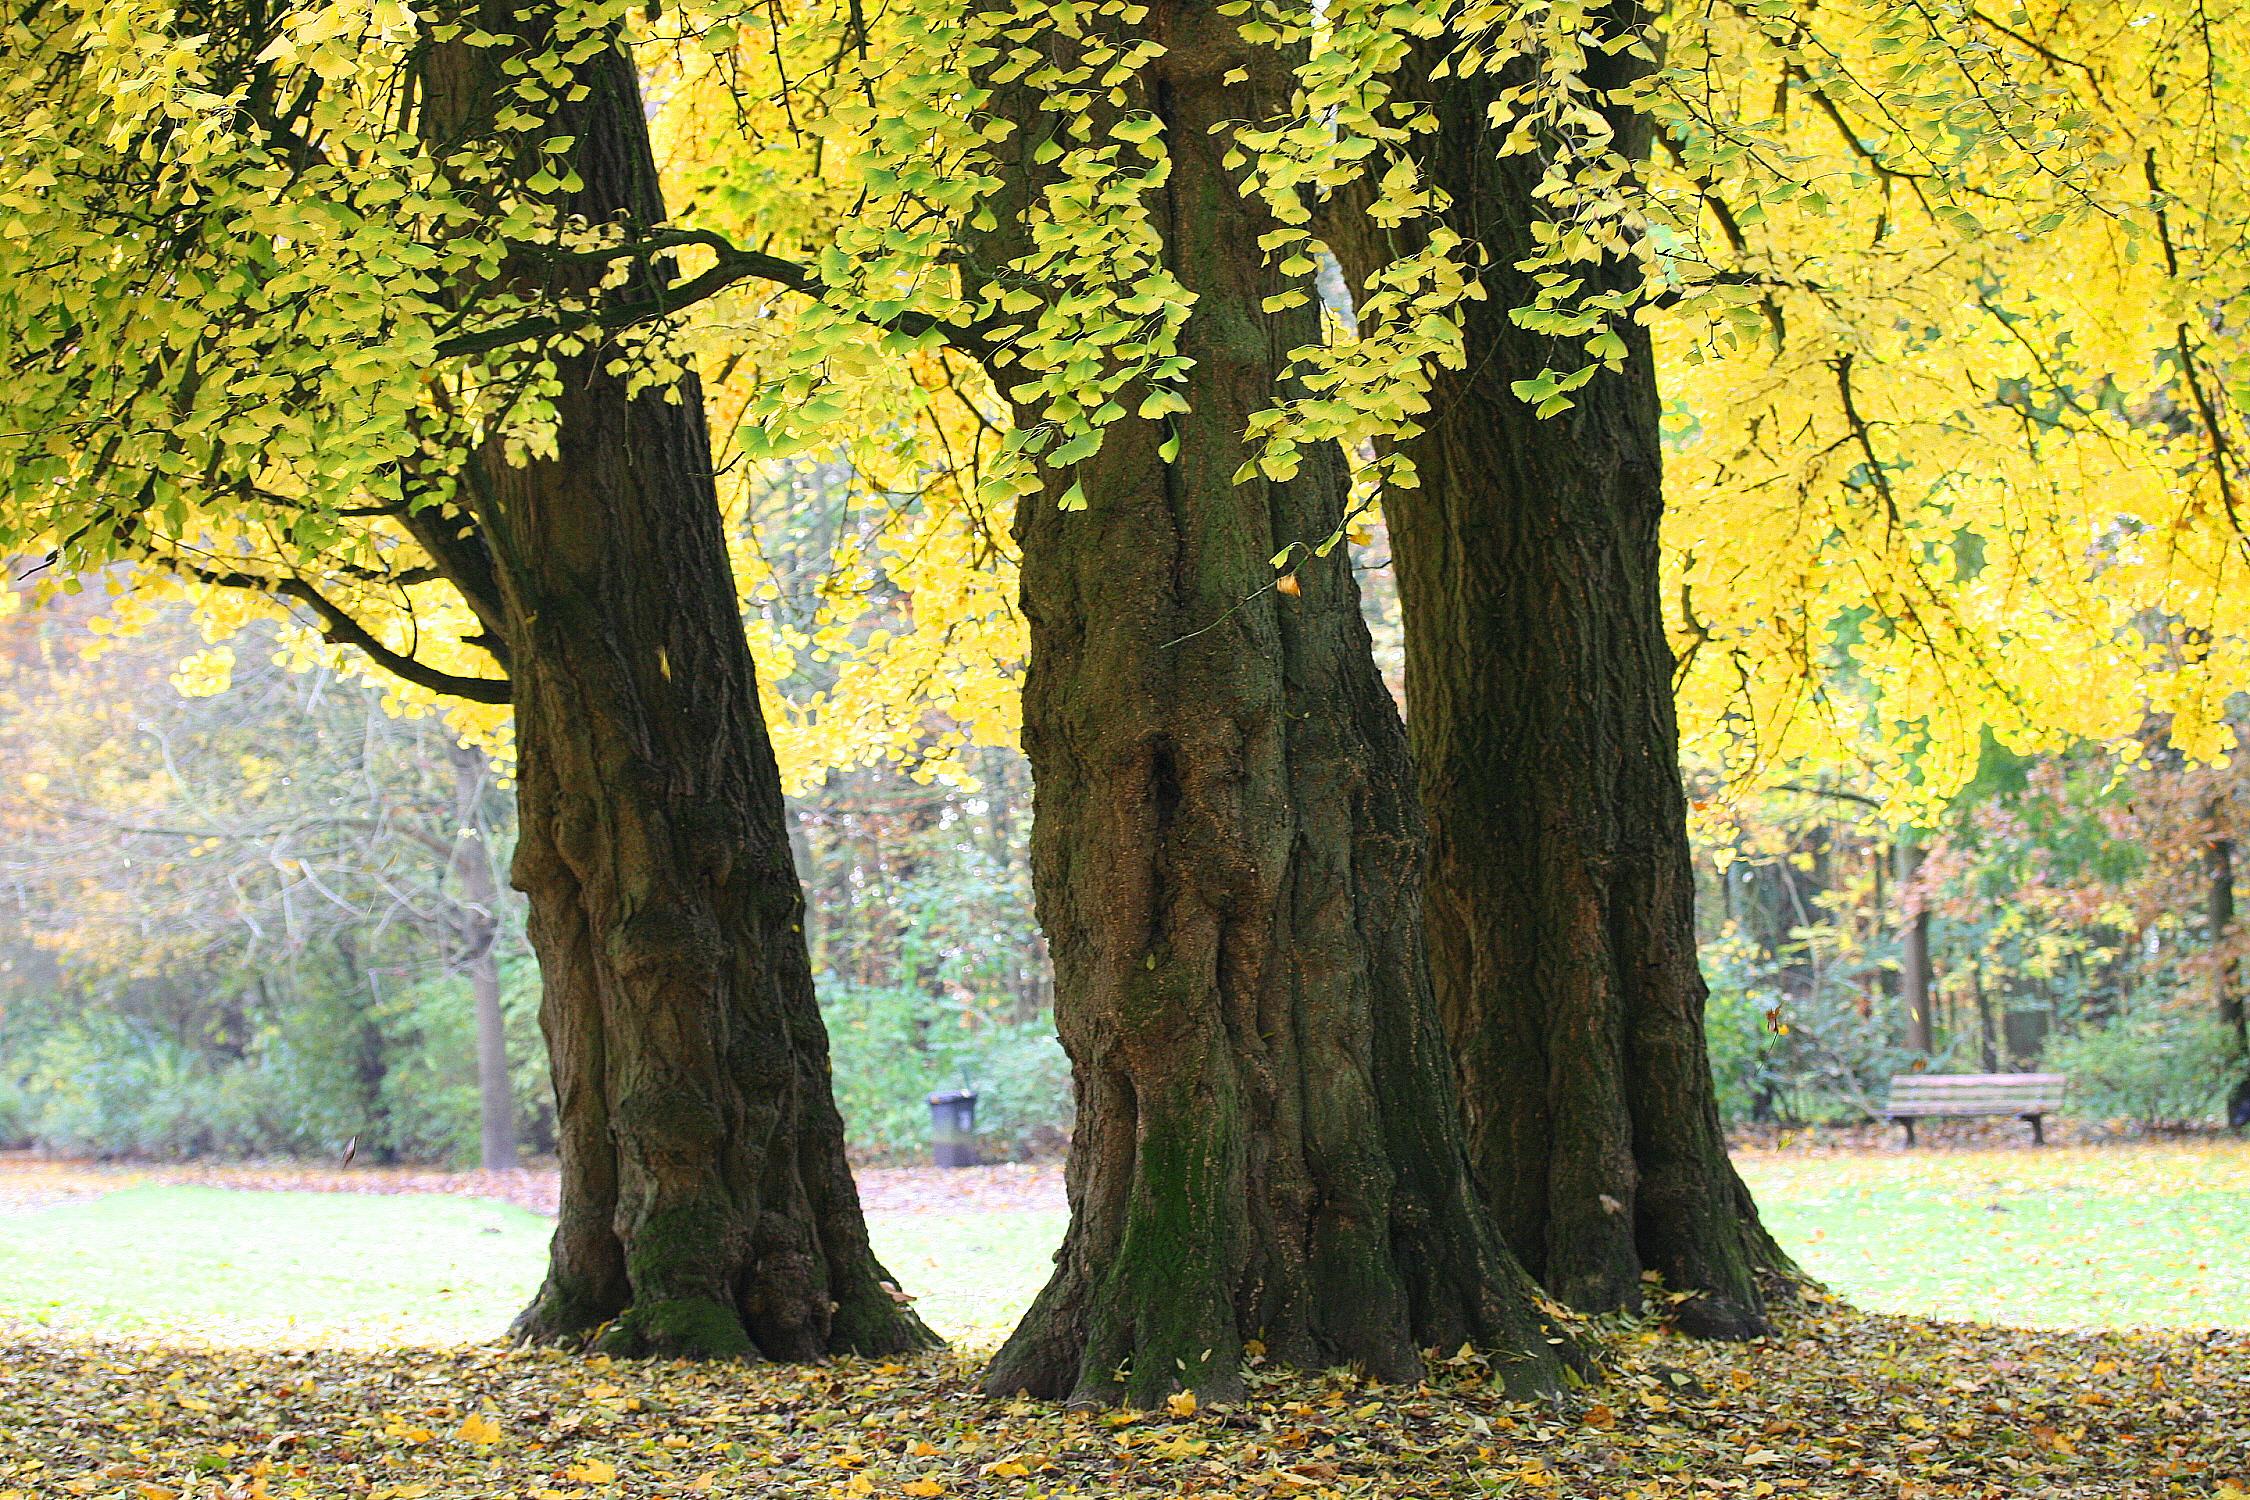 Ginkgo biloba en Morlanwelz-Mariemont (Bélgica). /Imagen: Wikipedia.